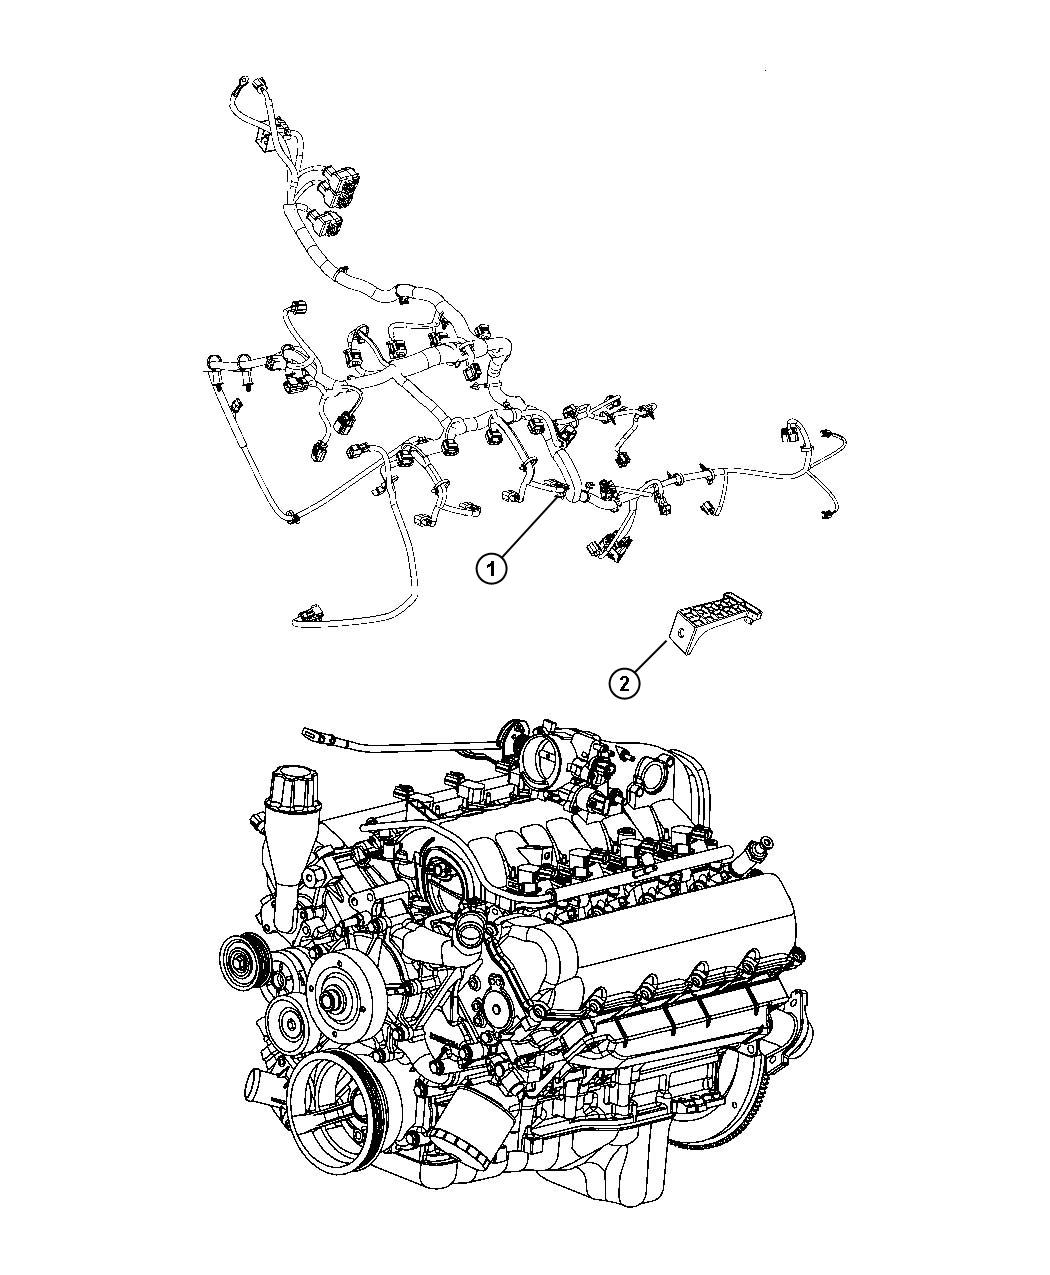 2010 Dodge Ram 1500 Wiring  Engine   Dh5